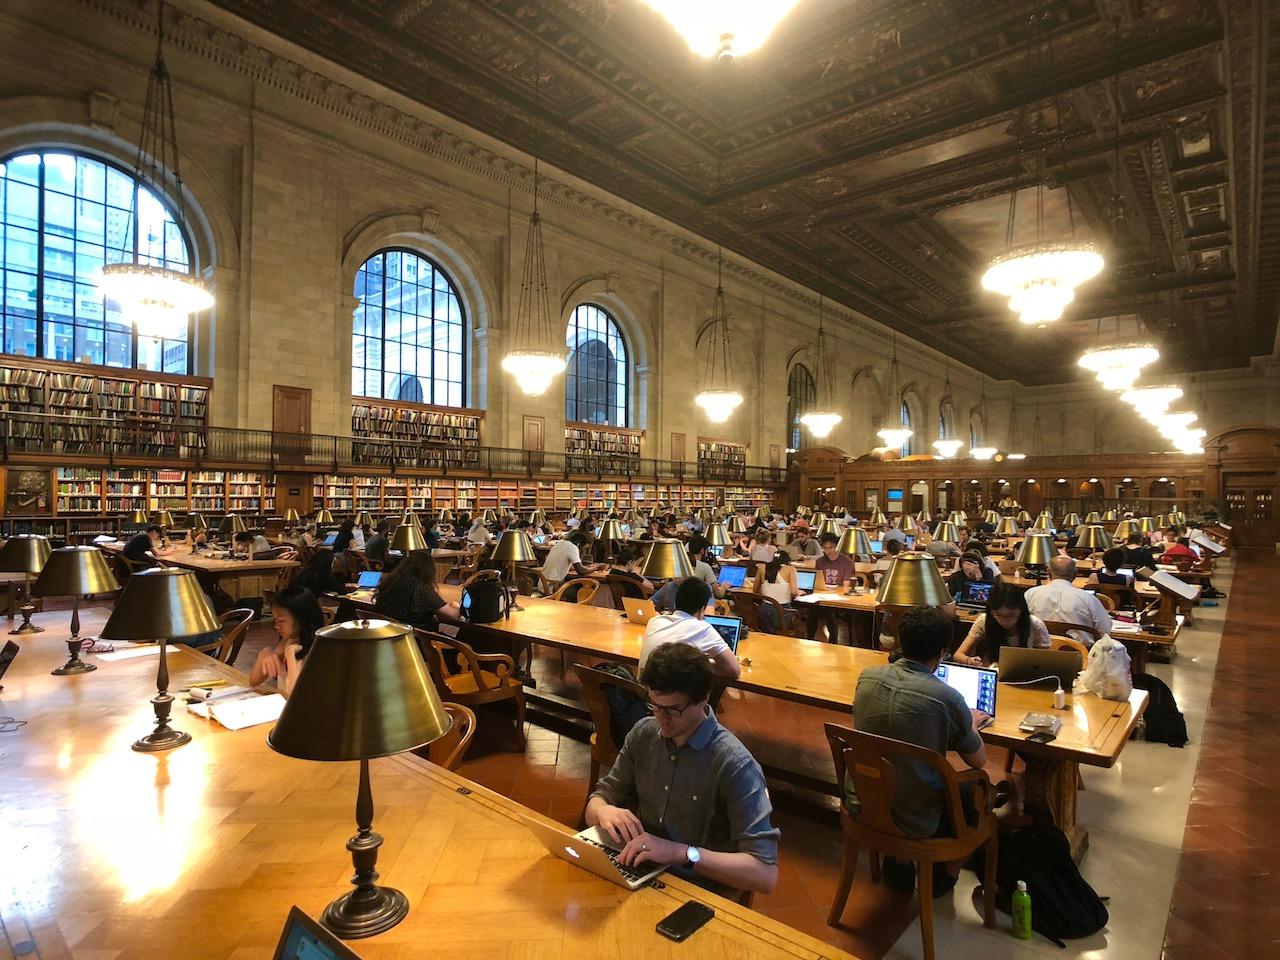 뉴욕 공공 도서관의 중앙 열람실